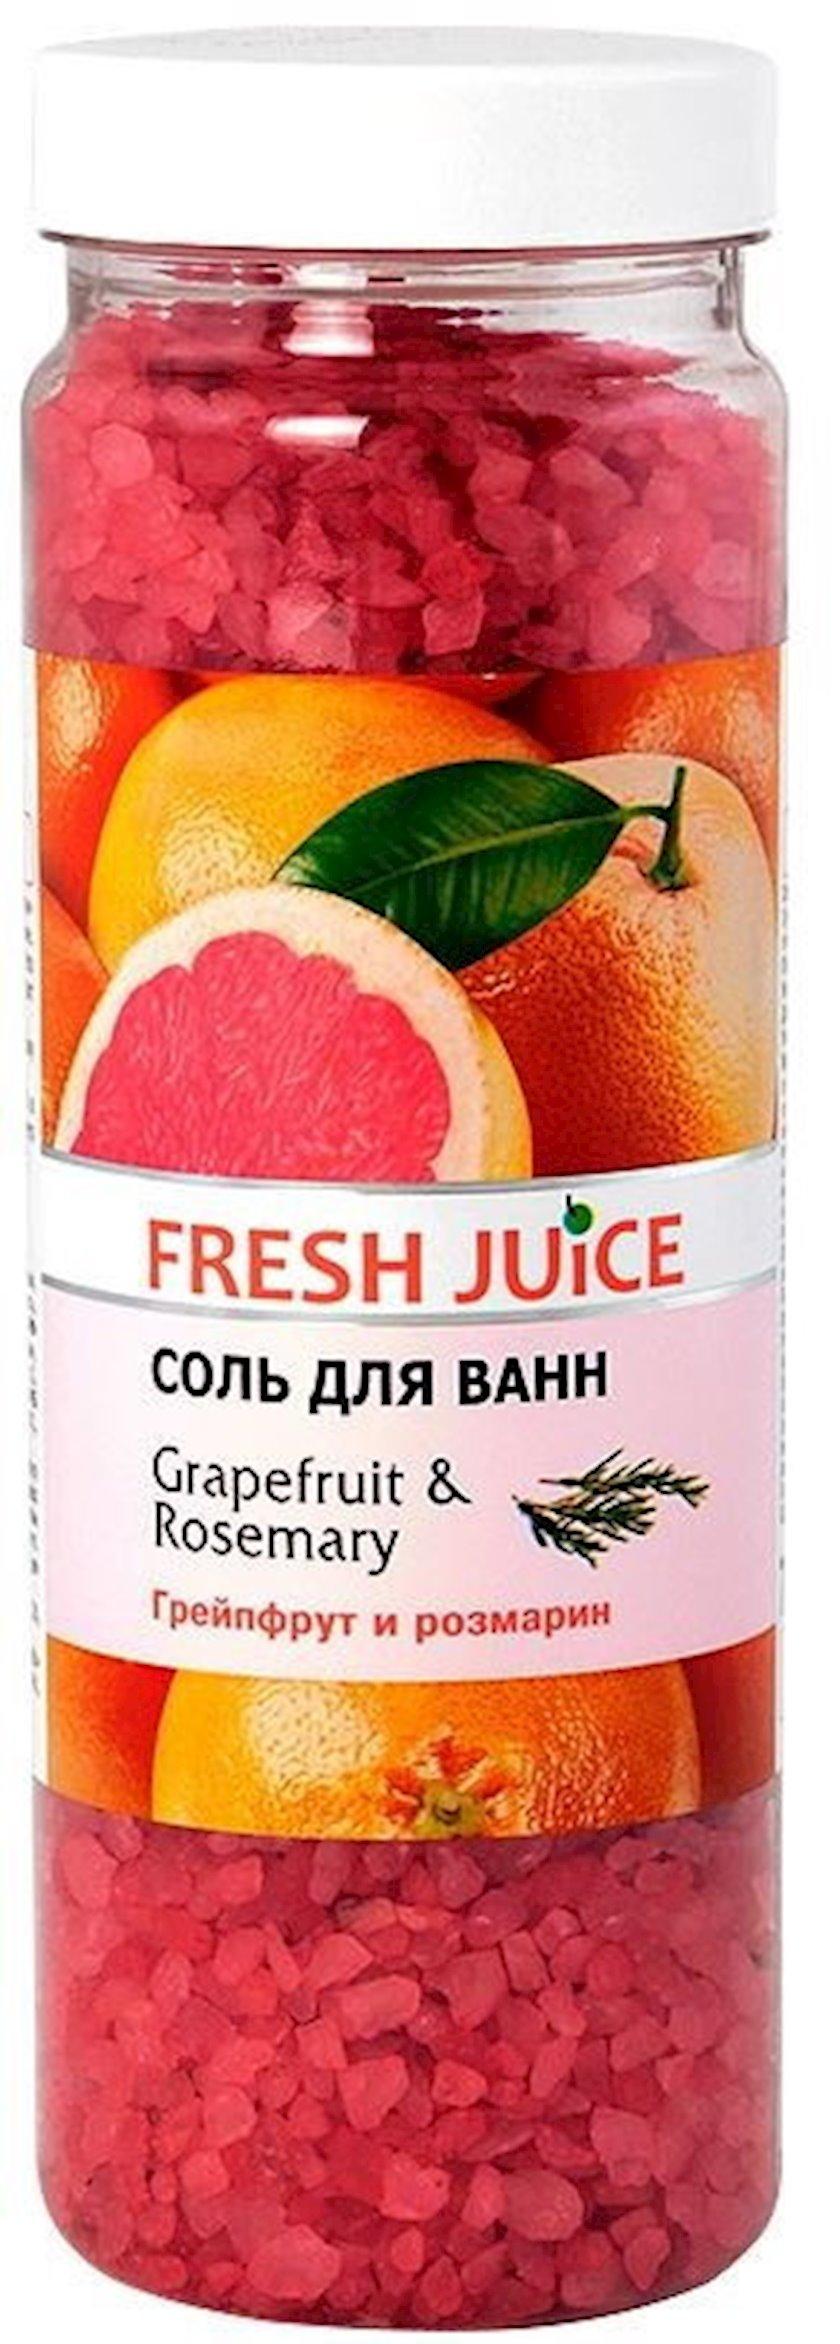 Vanna üçün duz Fresh Juice Grapefruit & Rosemary 700 qr